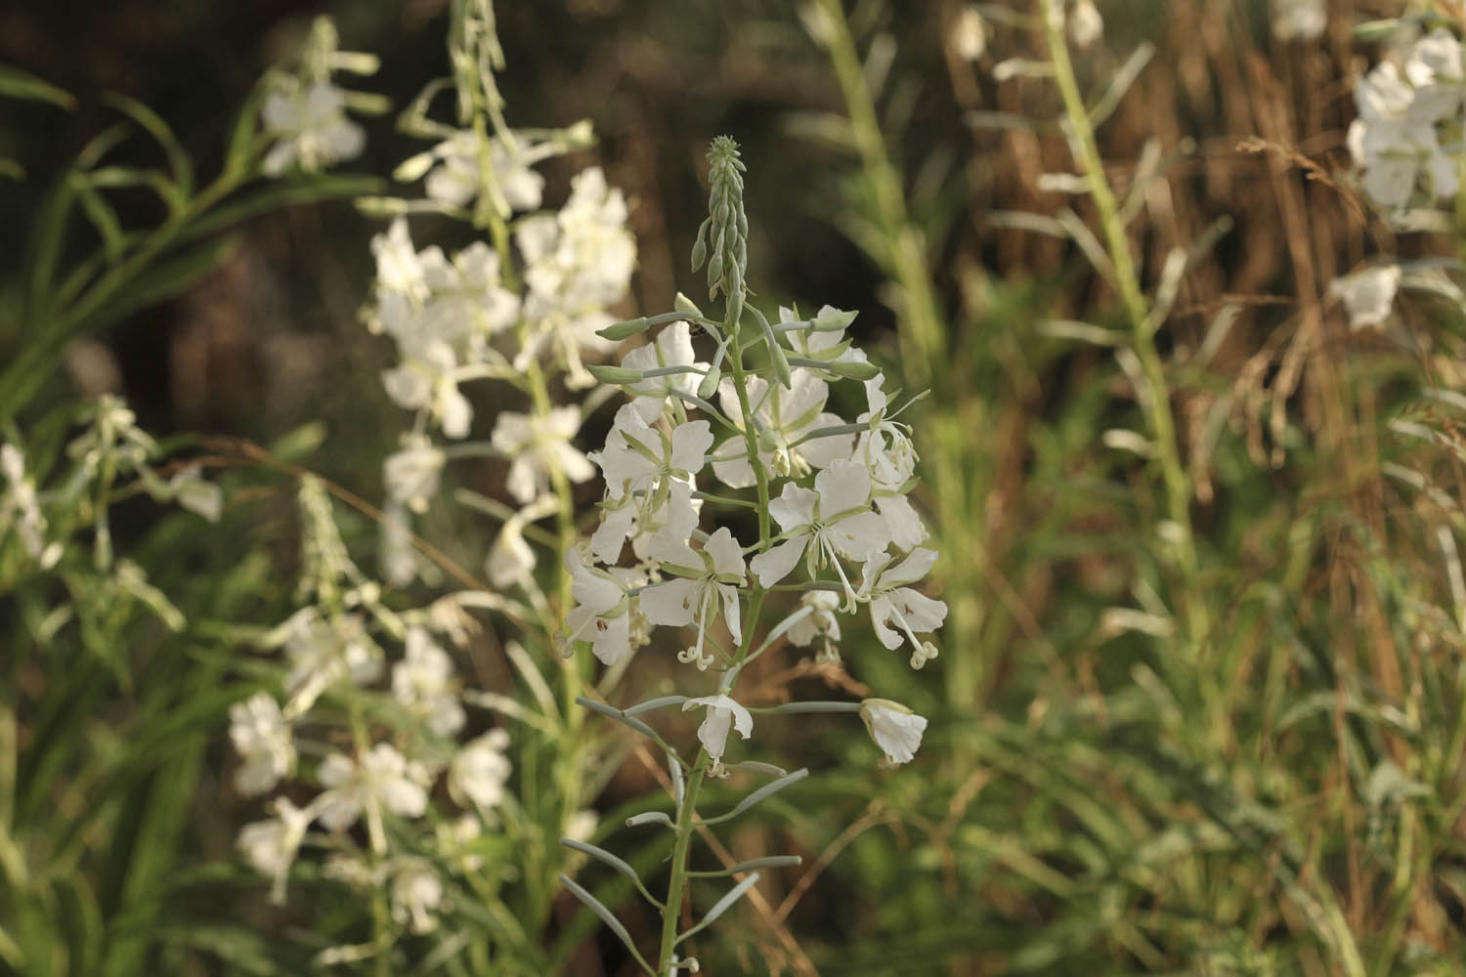 Not a weed, show-garden-worthy Epilobium angustifolium &#8